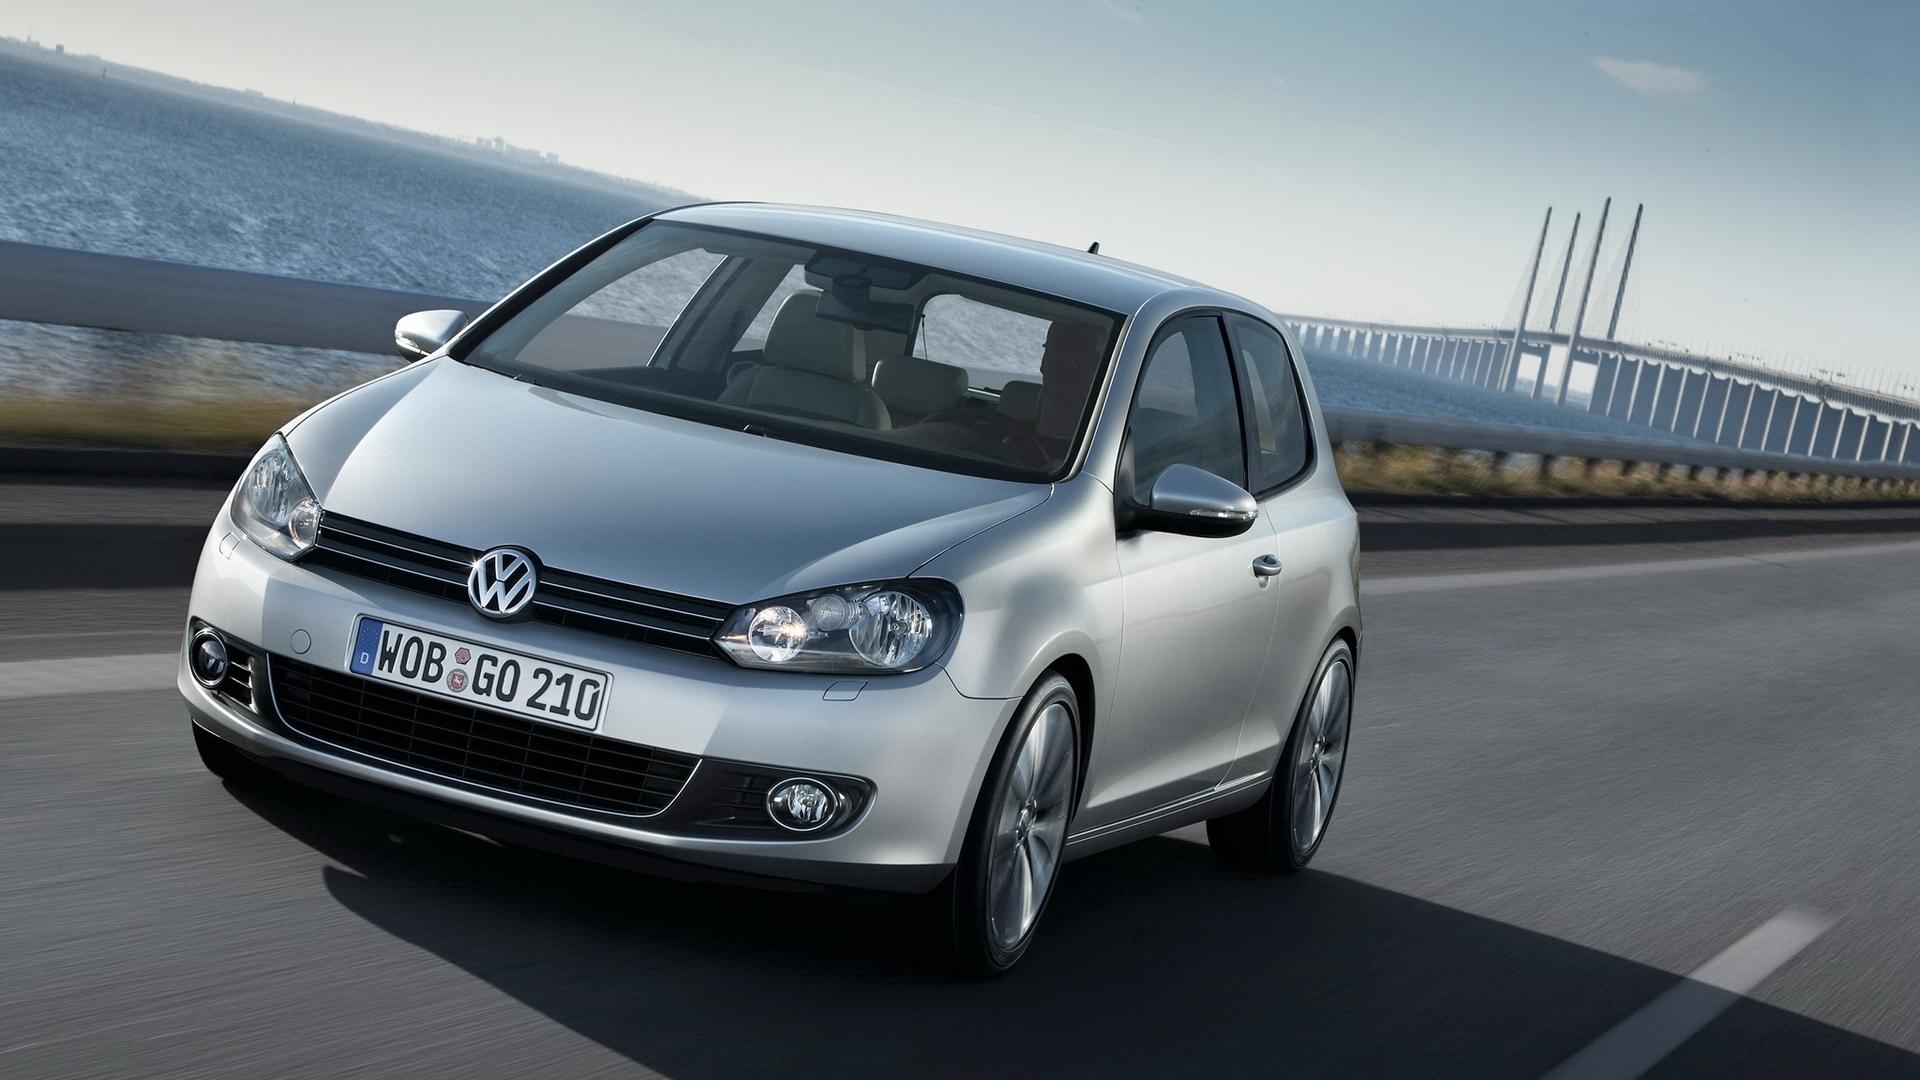 39417 скачать обои Транспорт, Машины, Фольксваген (Volkswagen) - заставки и картинки бесплатно